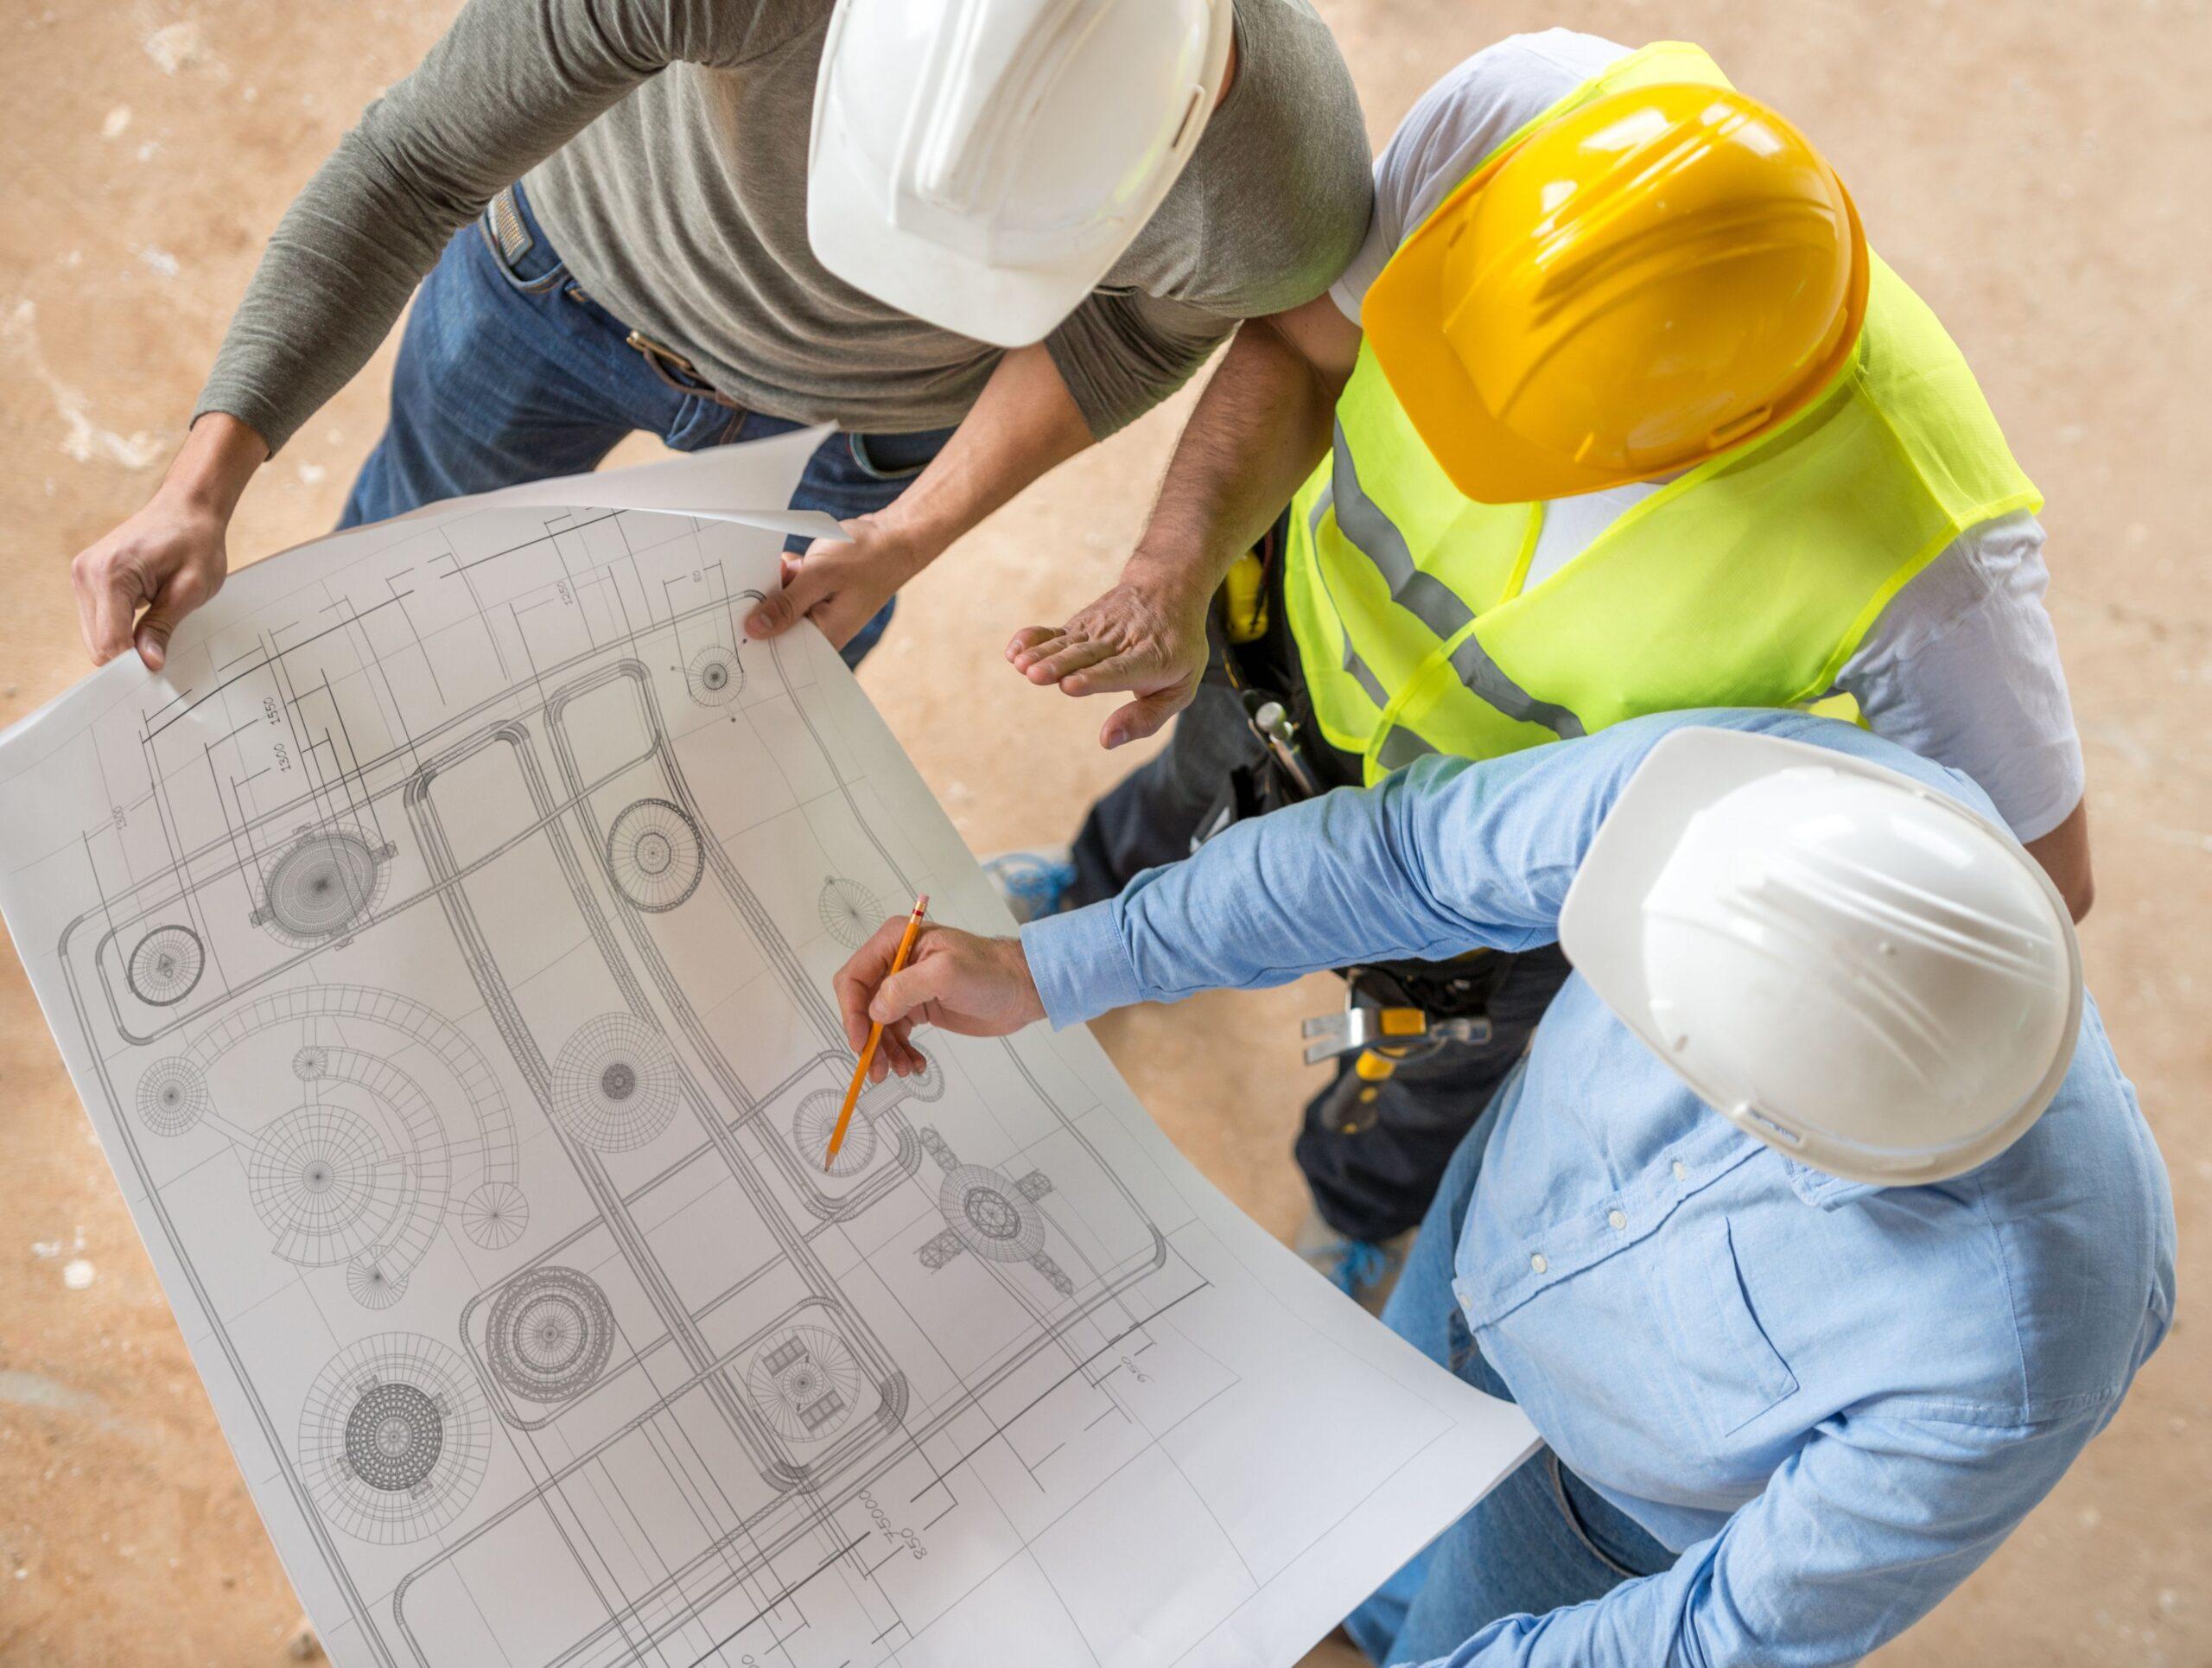 Διαδικασία συμπλήρωσης Ηλεκτρονικής Ταυτότητας Κτιρίου για την έκδοση Πιστοποιητικών Πληρότητας Ταυτότητας Κτιρίου και Ελέγχου Κατασκευής